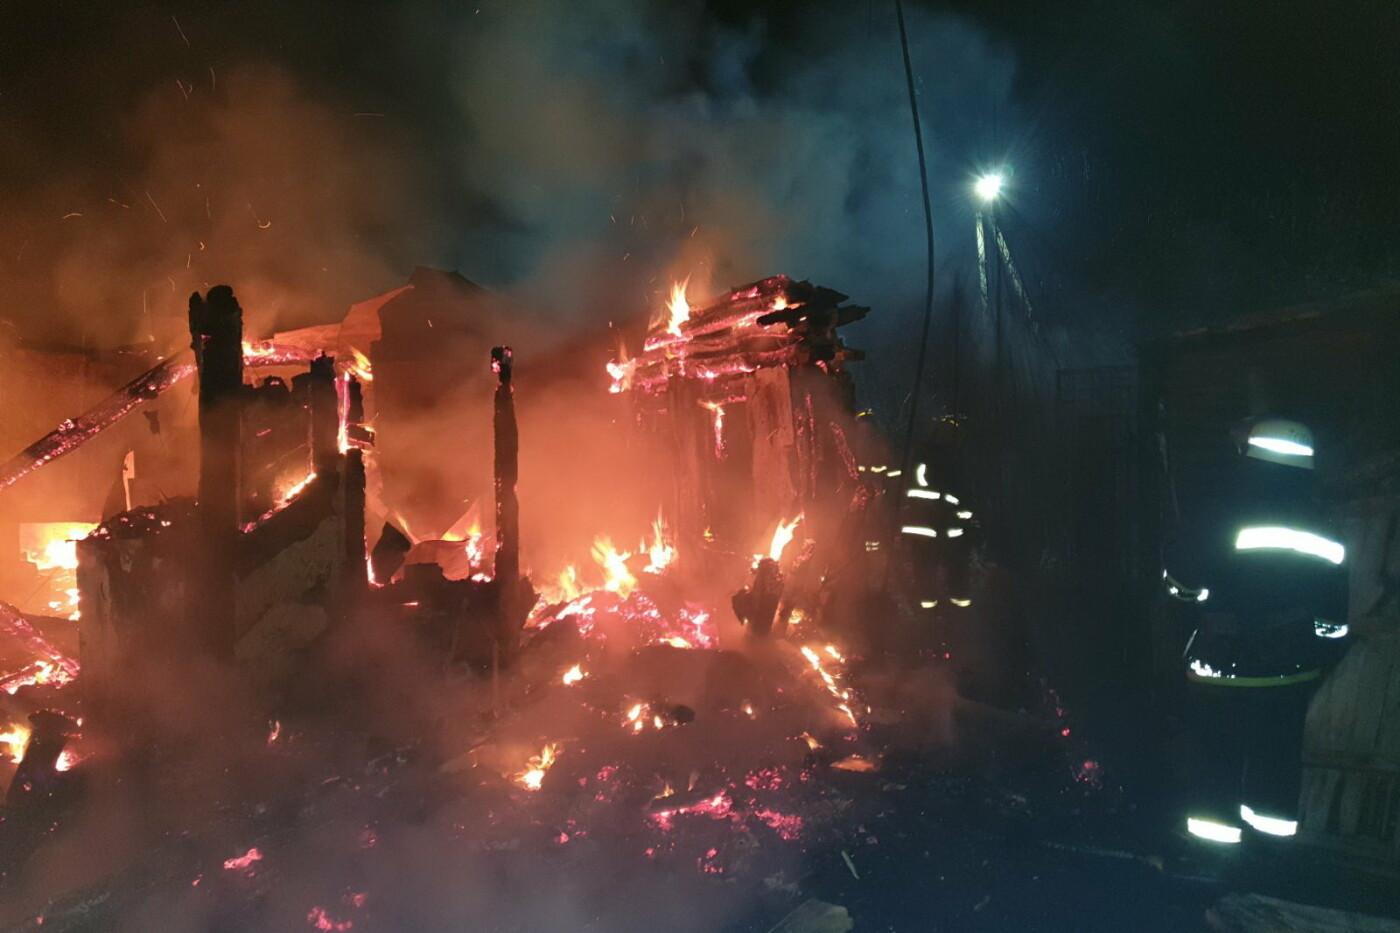 На Харьковщине спасатели восемь часов тушили пожар в частном доме, - ВИДЕО, ФОТО, фото-1